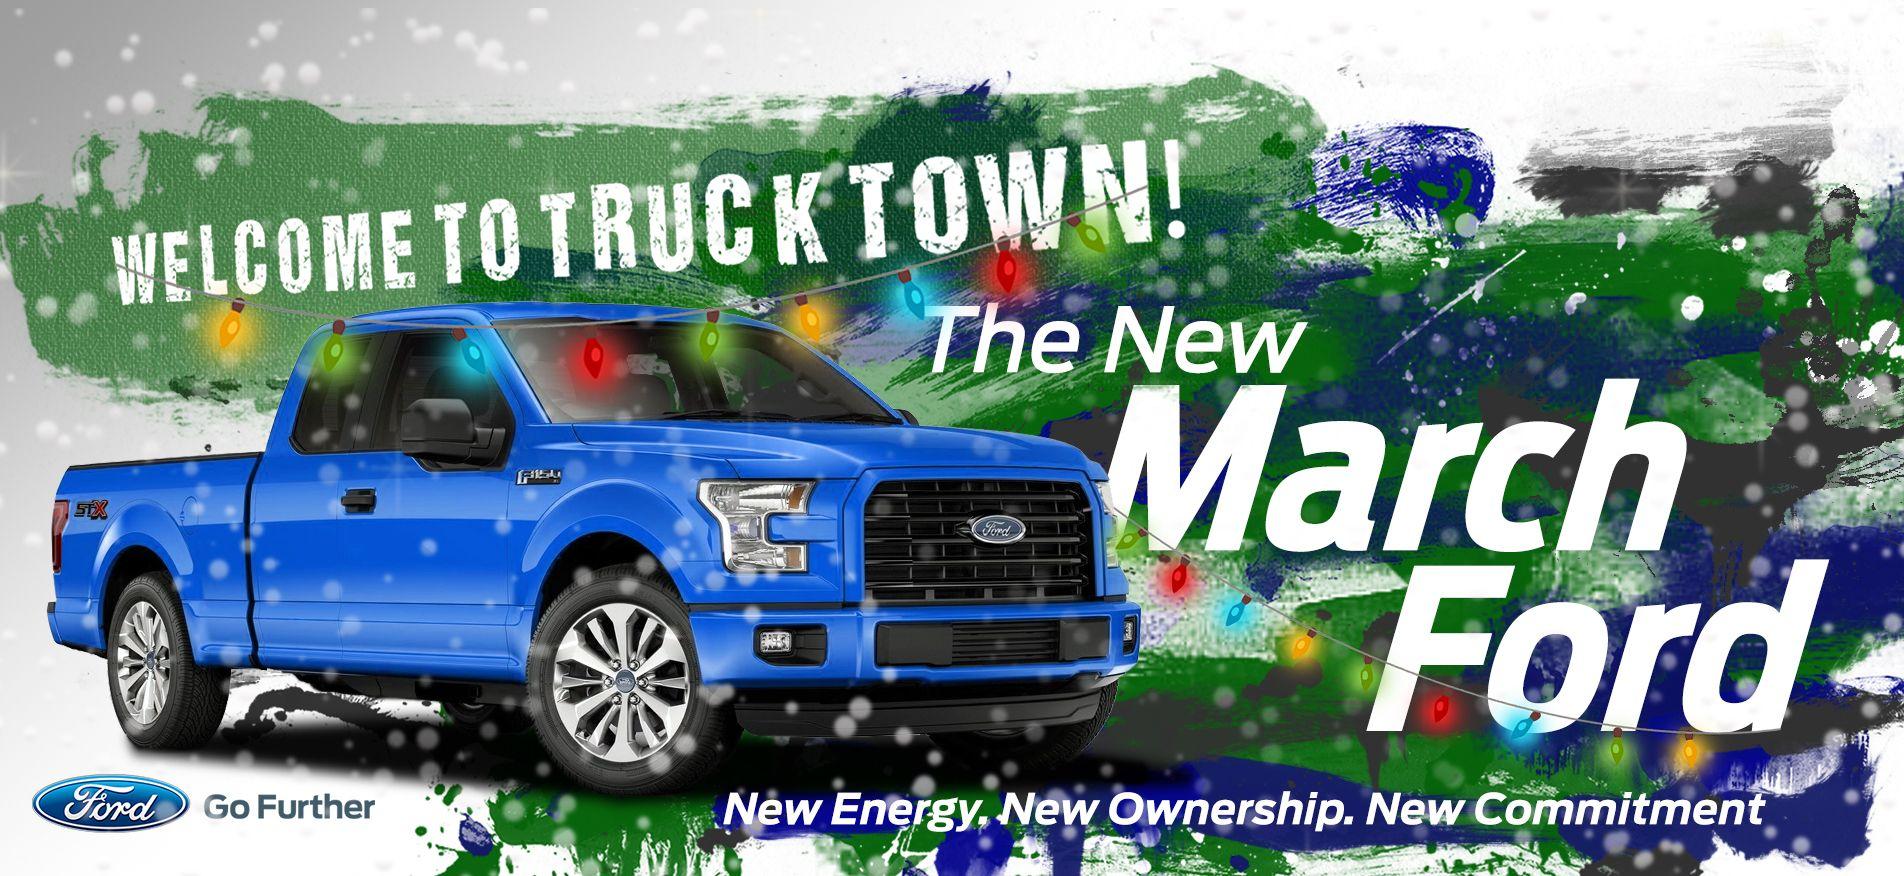 ford truck f-150 deals ottawa kanata at march ford